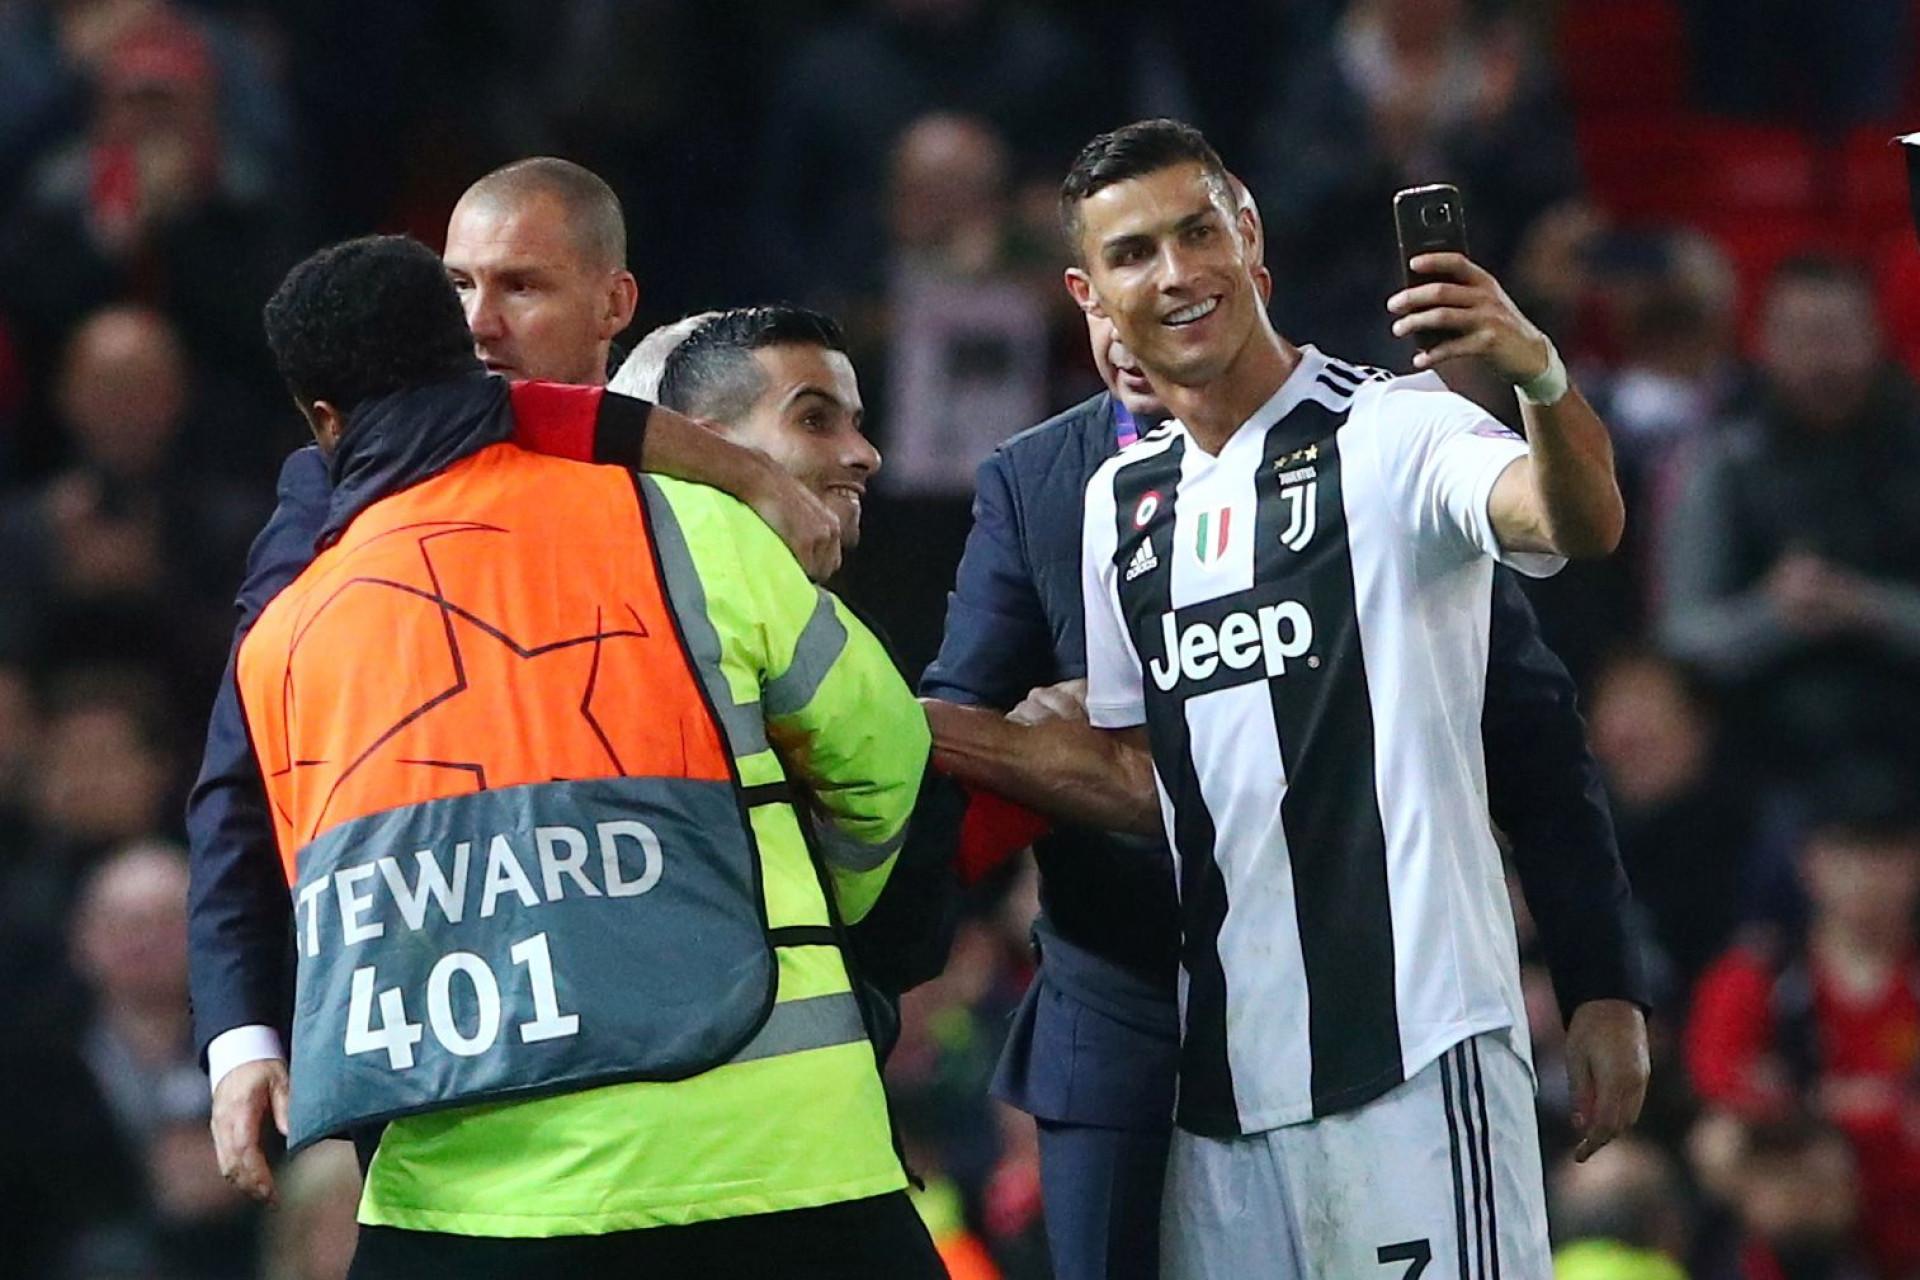 Segundo invasor de Old Trafford conseguiu tirar selfie com Ronaldo